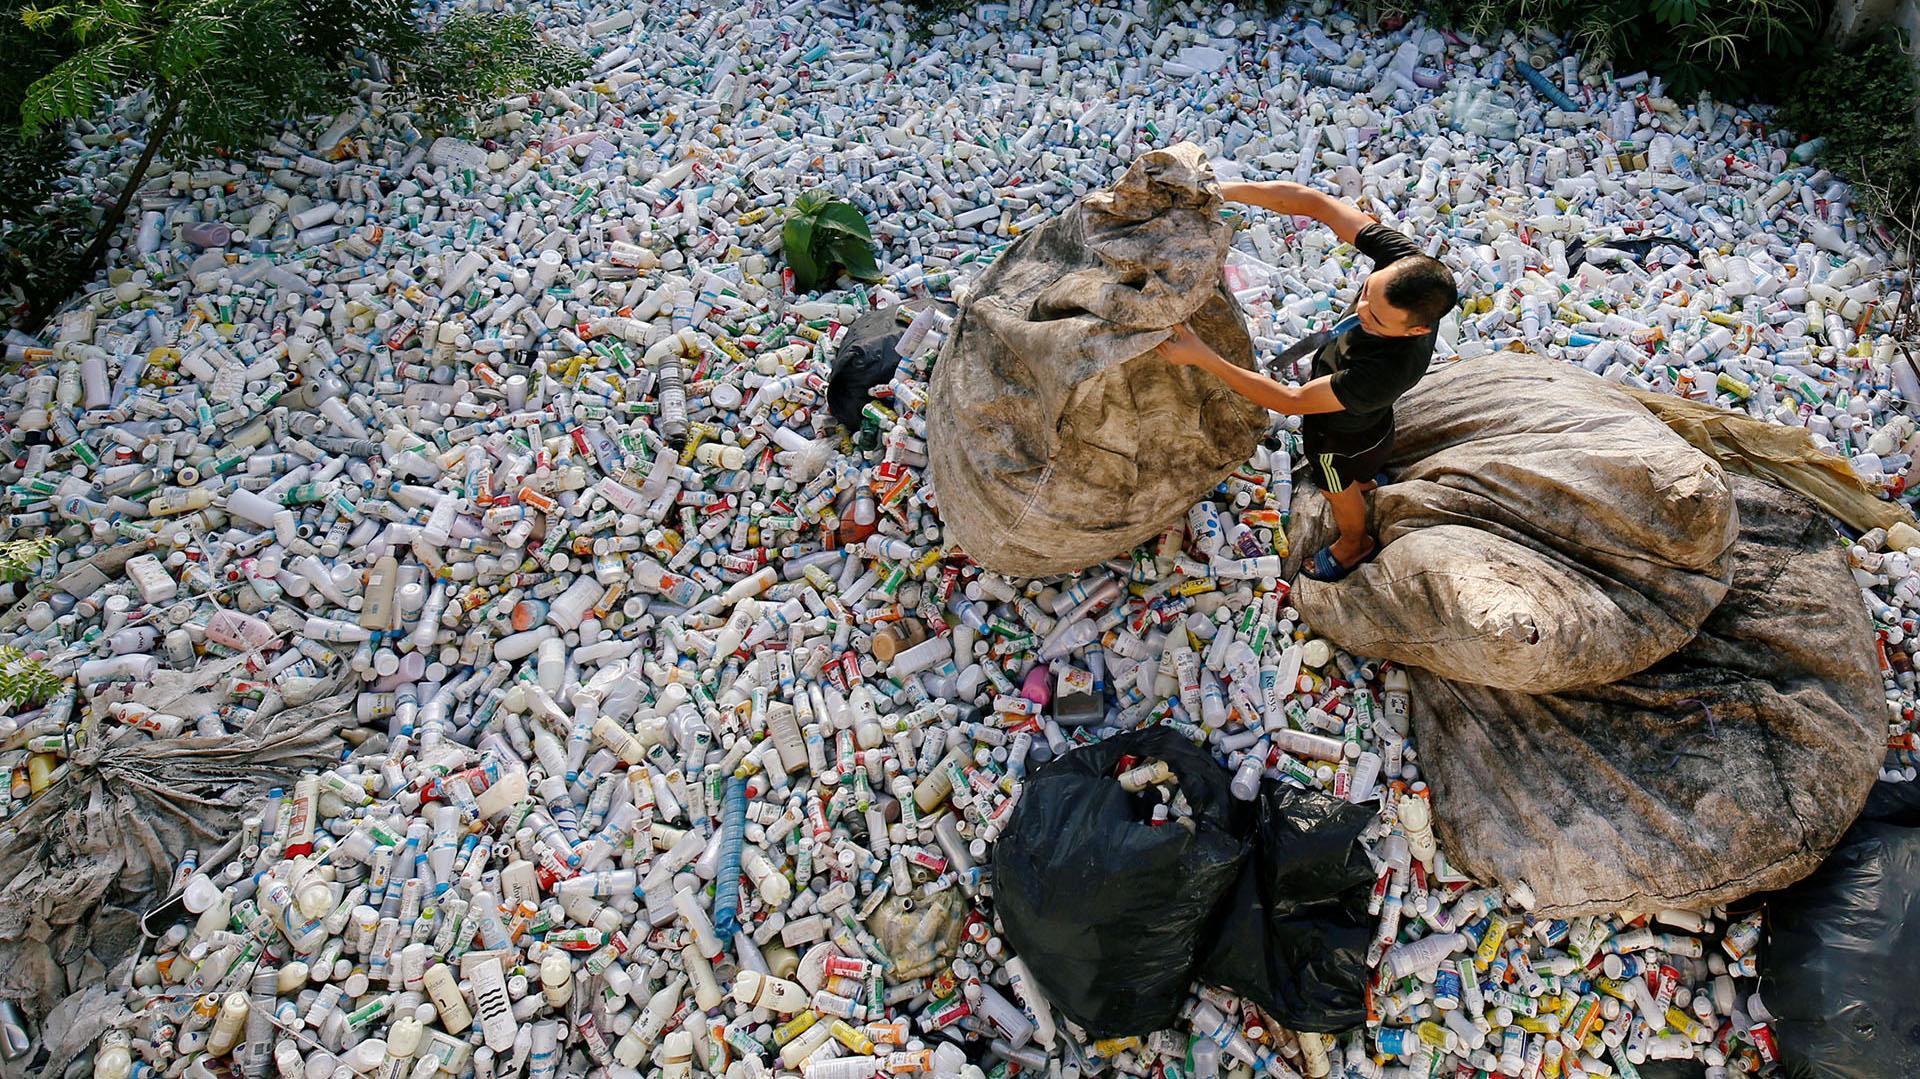 Un vietnamita recicla botellas de plástico en la ciudad de Xa Cau,en las afueras de Hanoi, Vietnam(REUTERS/Kham)